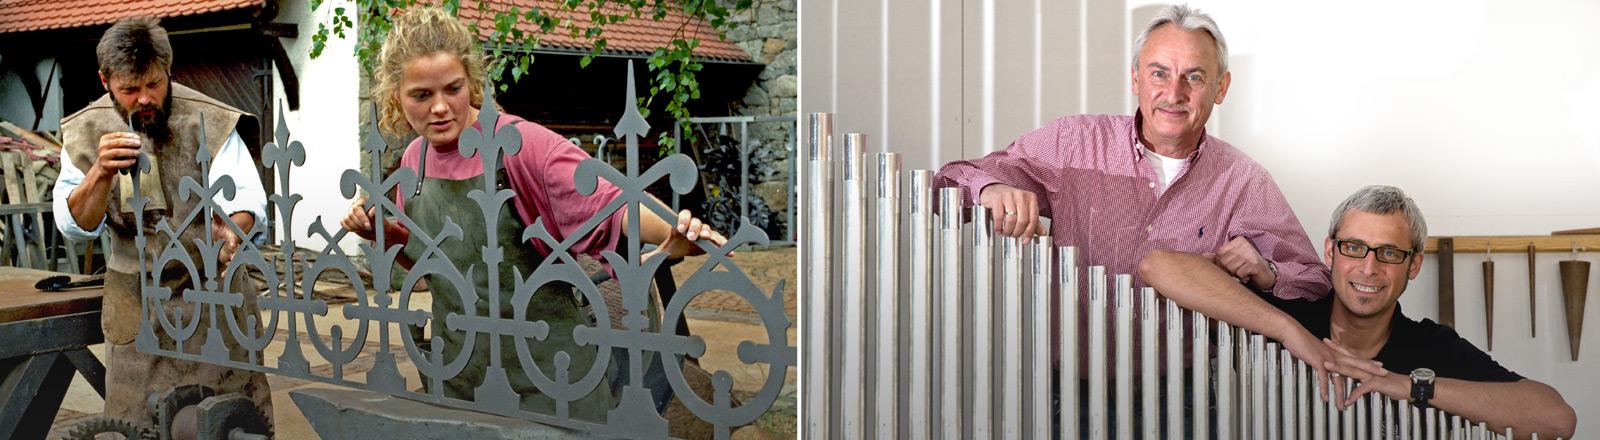 Ein Schmied mit Tochter bei der Arbeit an einem Metallgitter. Orgelbauer mit seinem Sohn lehne auf Orgelpfeifen.